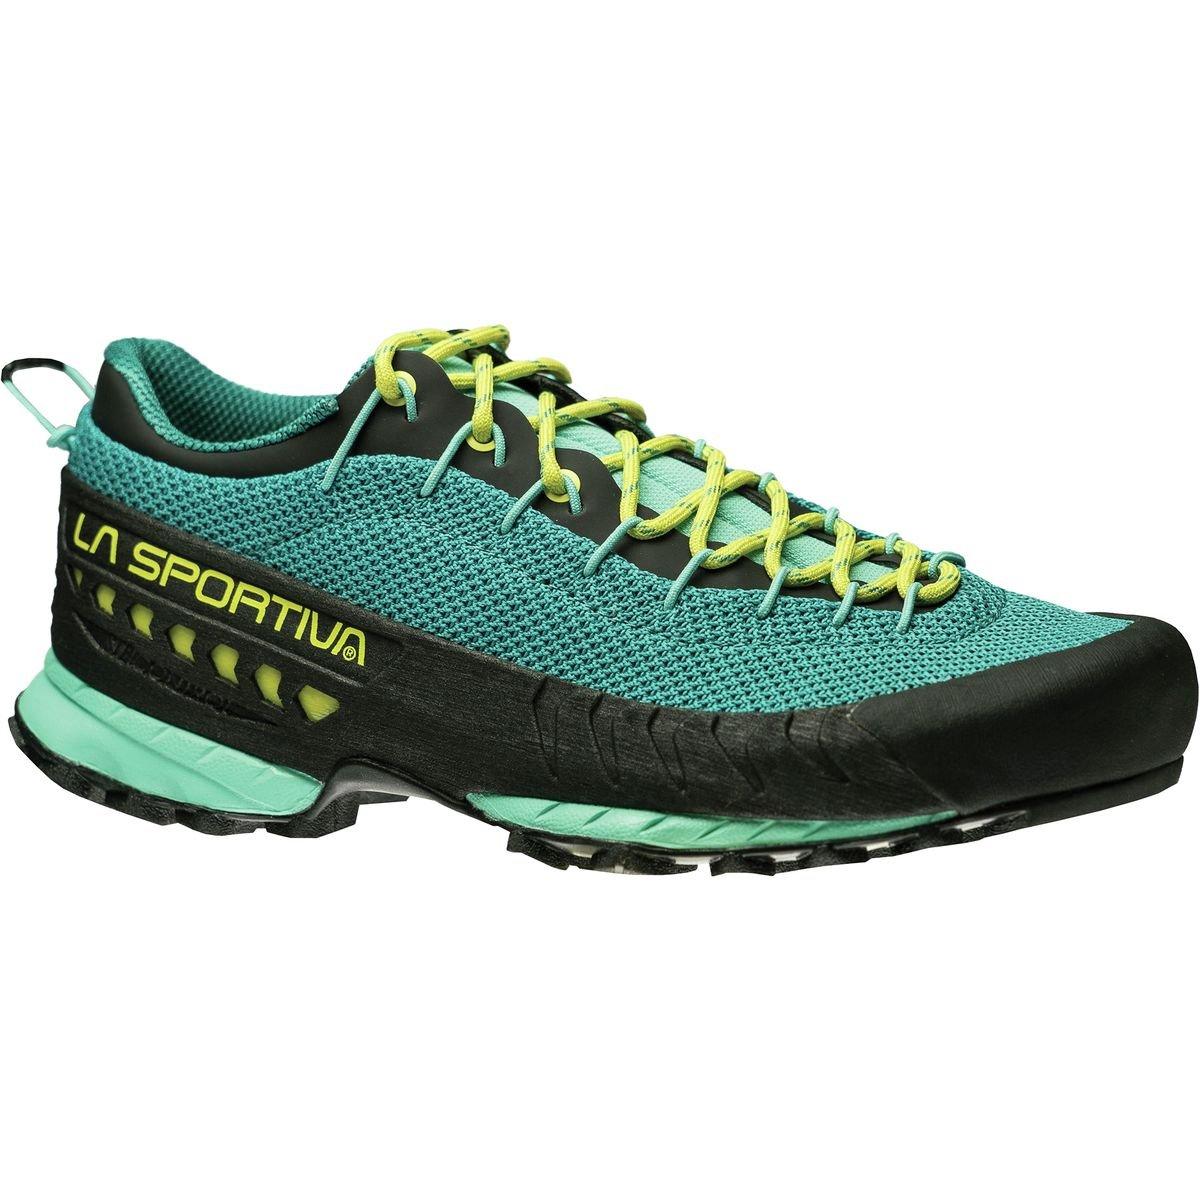 La Sportiva TX3 Shoe - Women's Emerald / Mint 37